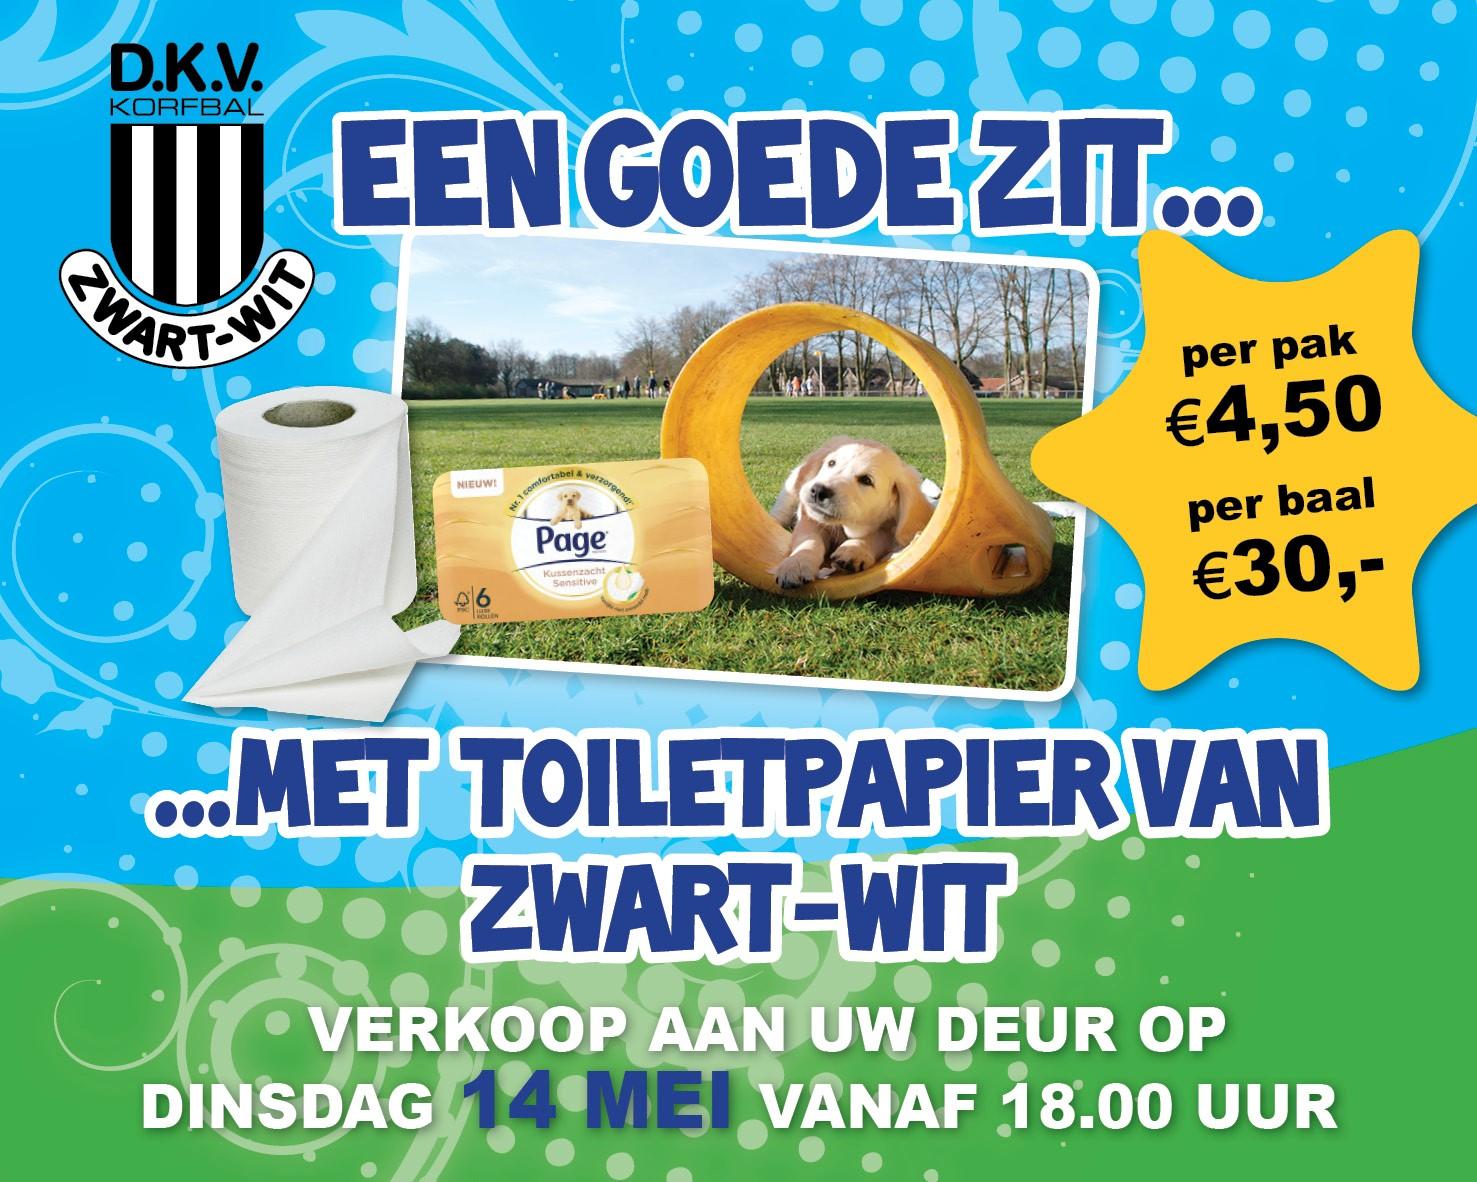 Jaarlijkse toiletpapieractie Zwart Wit op 14 mei